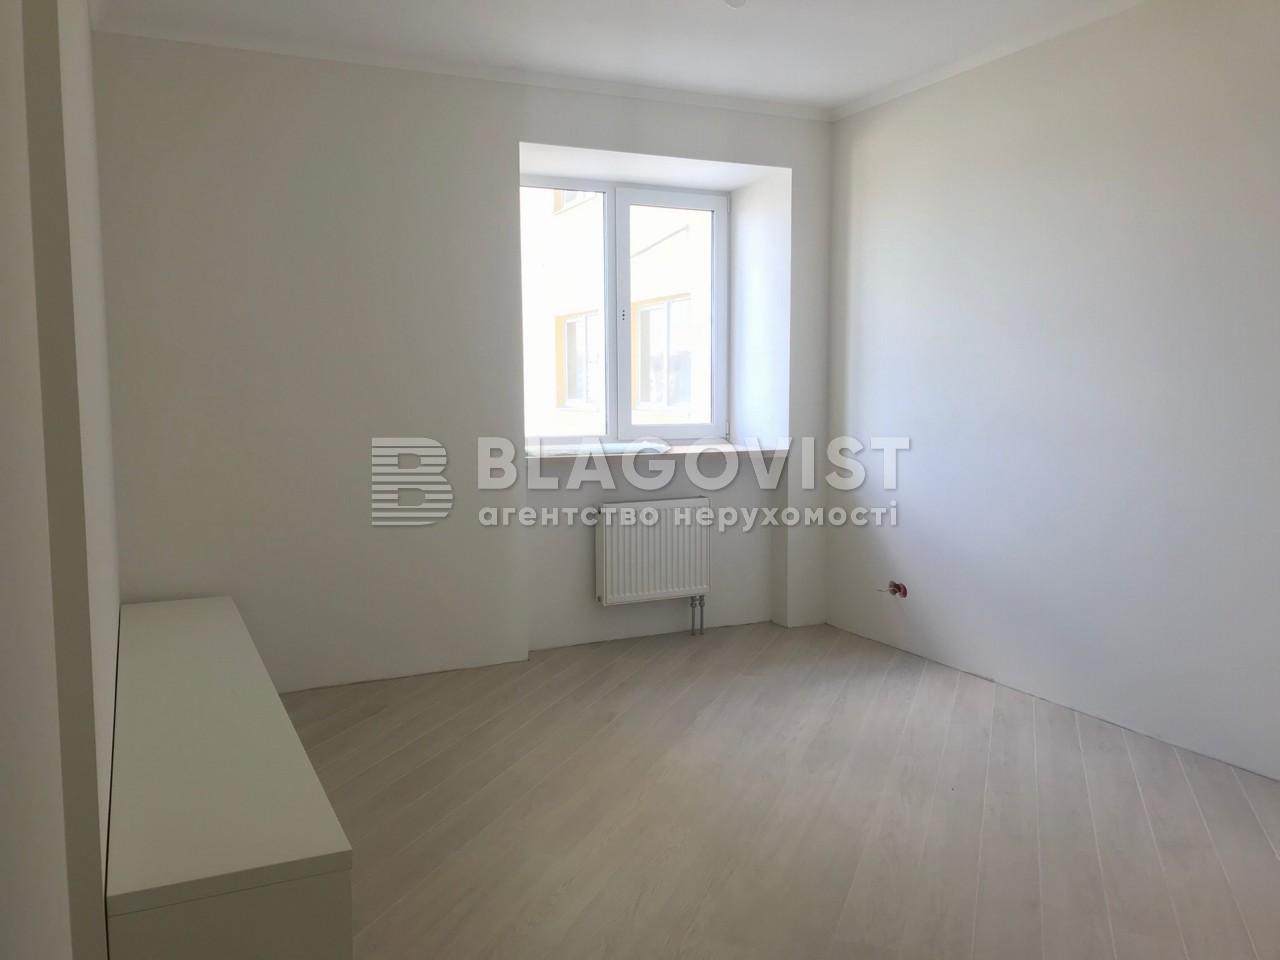 Квартира F-23980, Харченко Евгения (Ленина), 47б, Киев - Фото 6